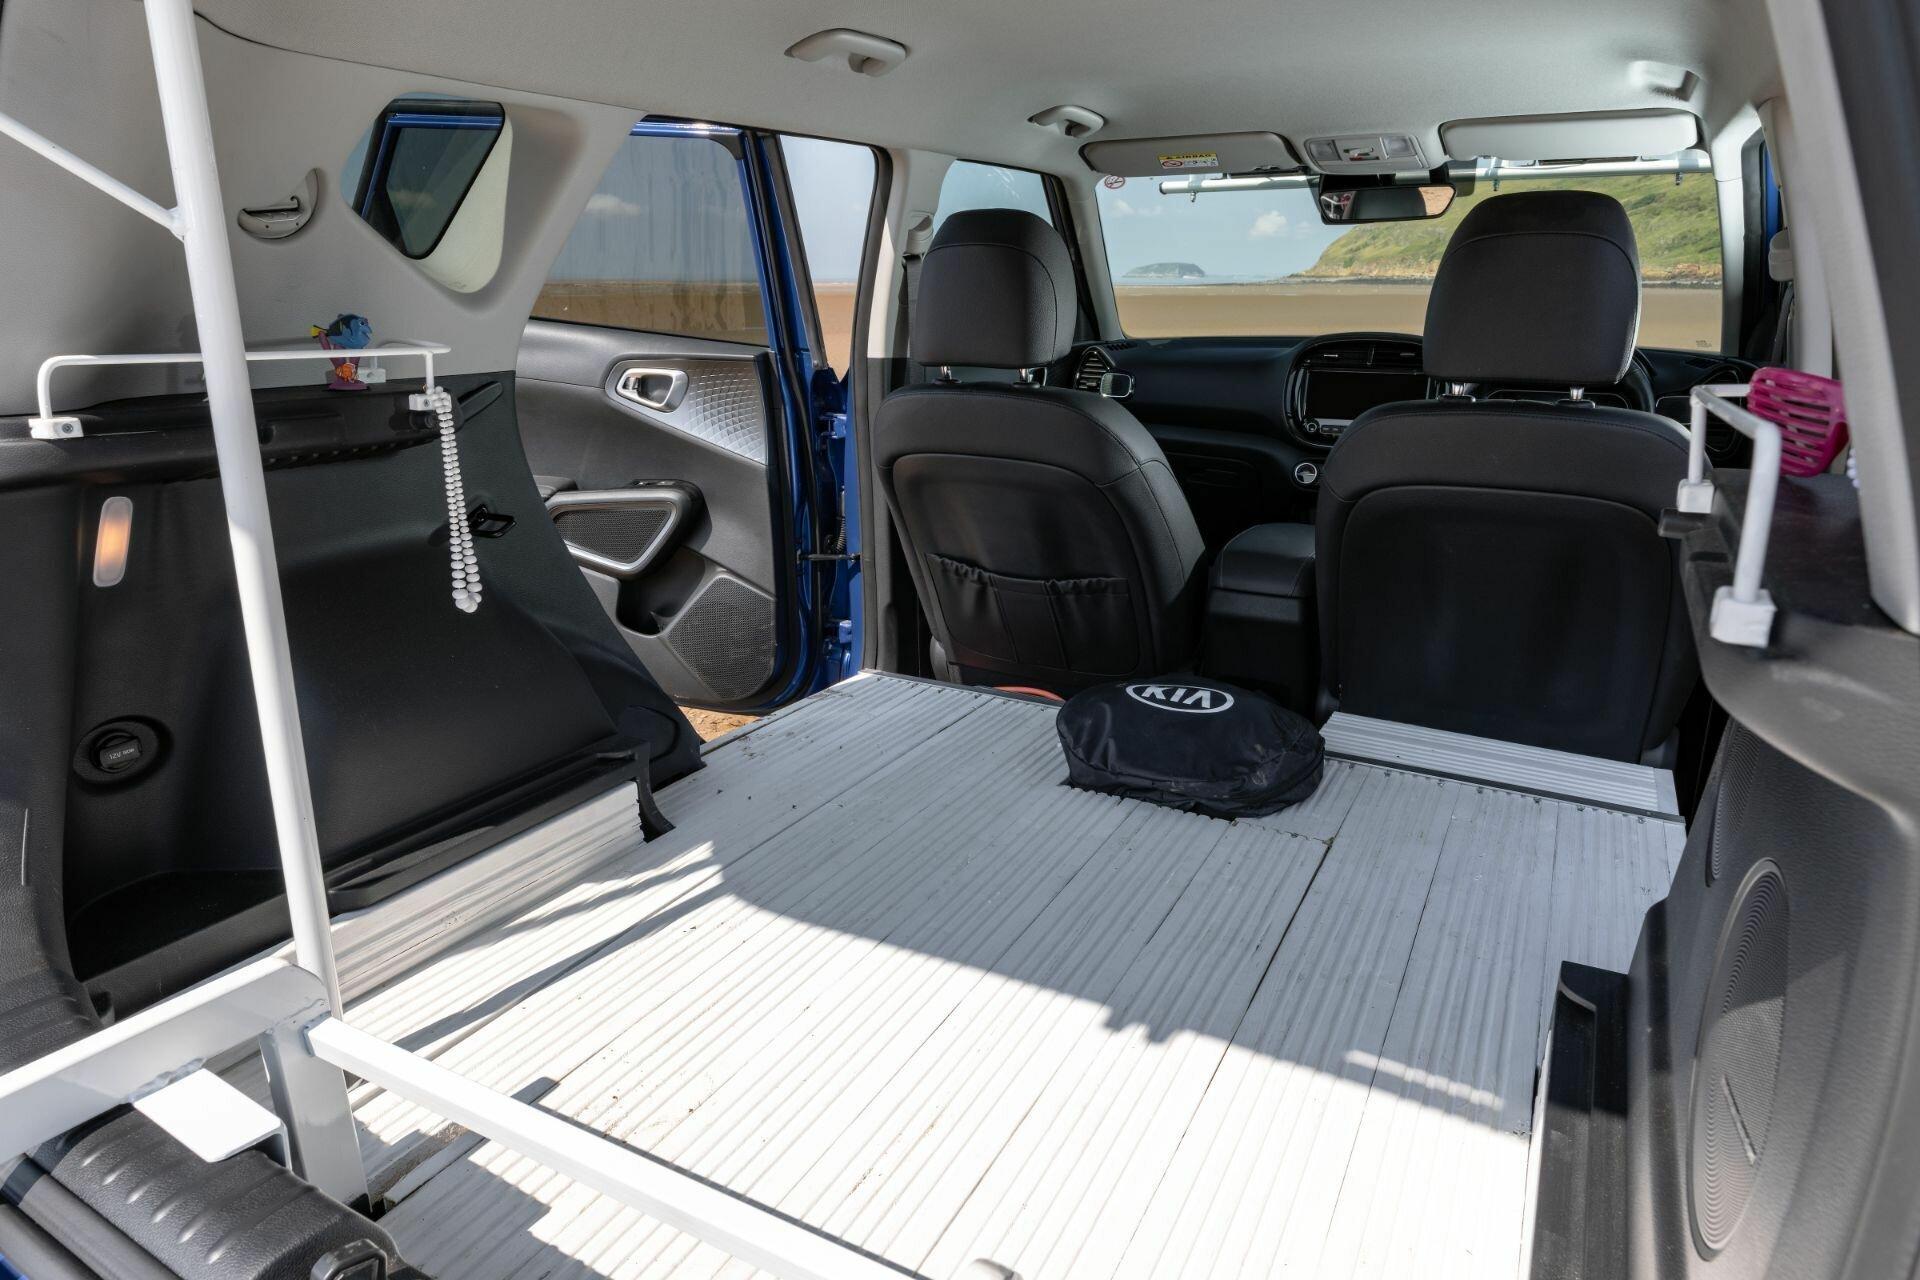 Вместительное багажное отделение было увеличено за счет демонтажа заднего ряда сидений